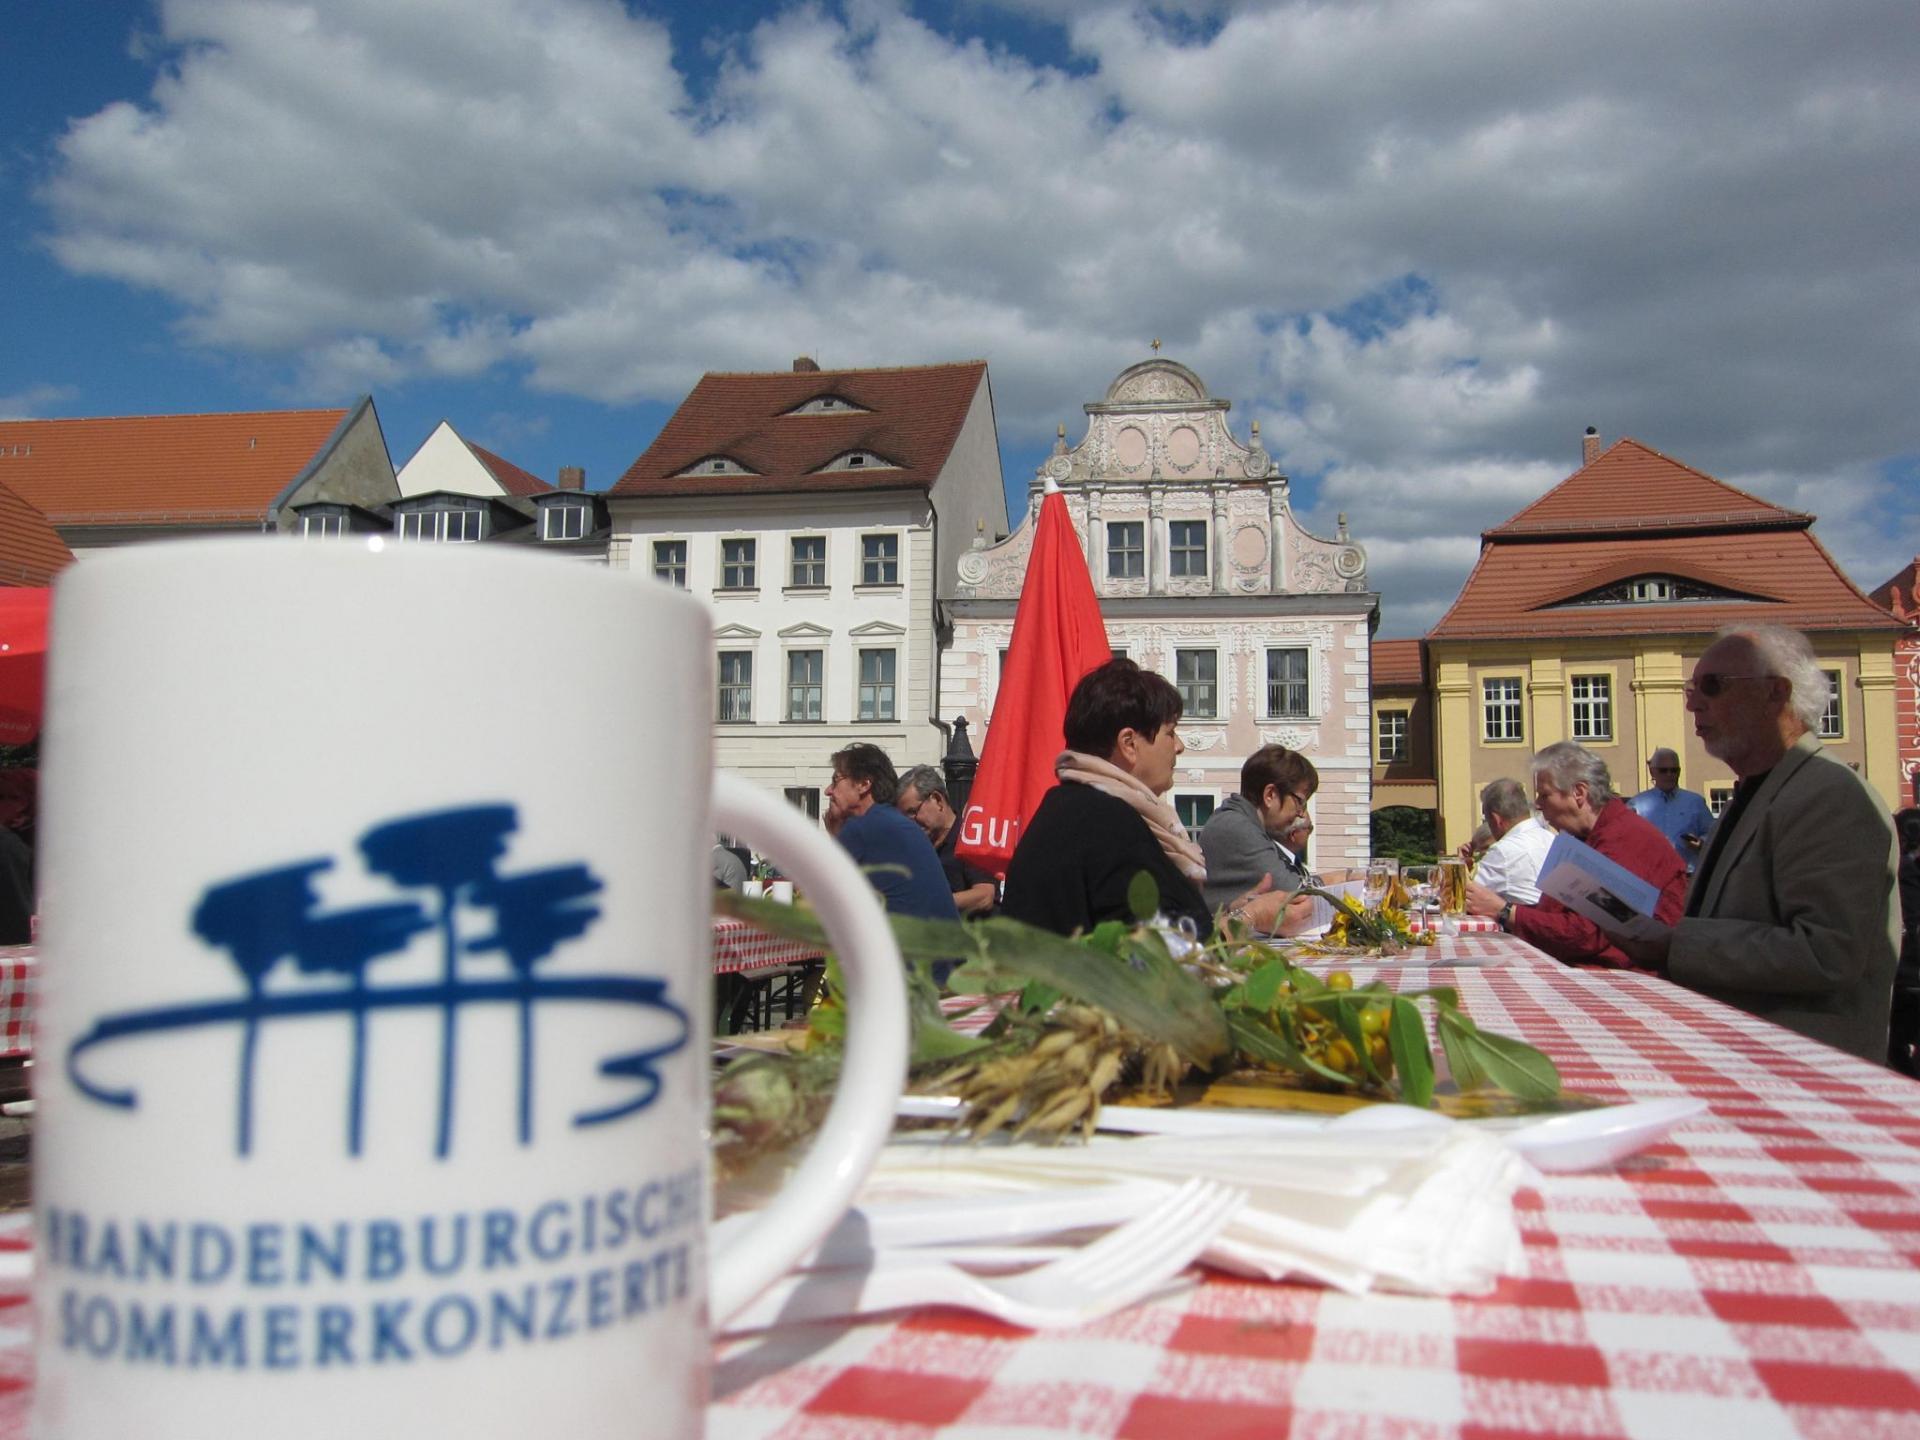 Brandenburgisches Sommerkonzert 2015 (5)